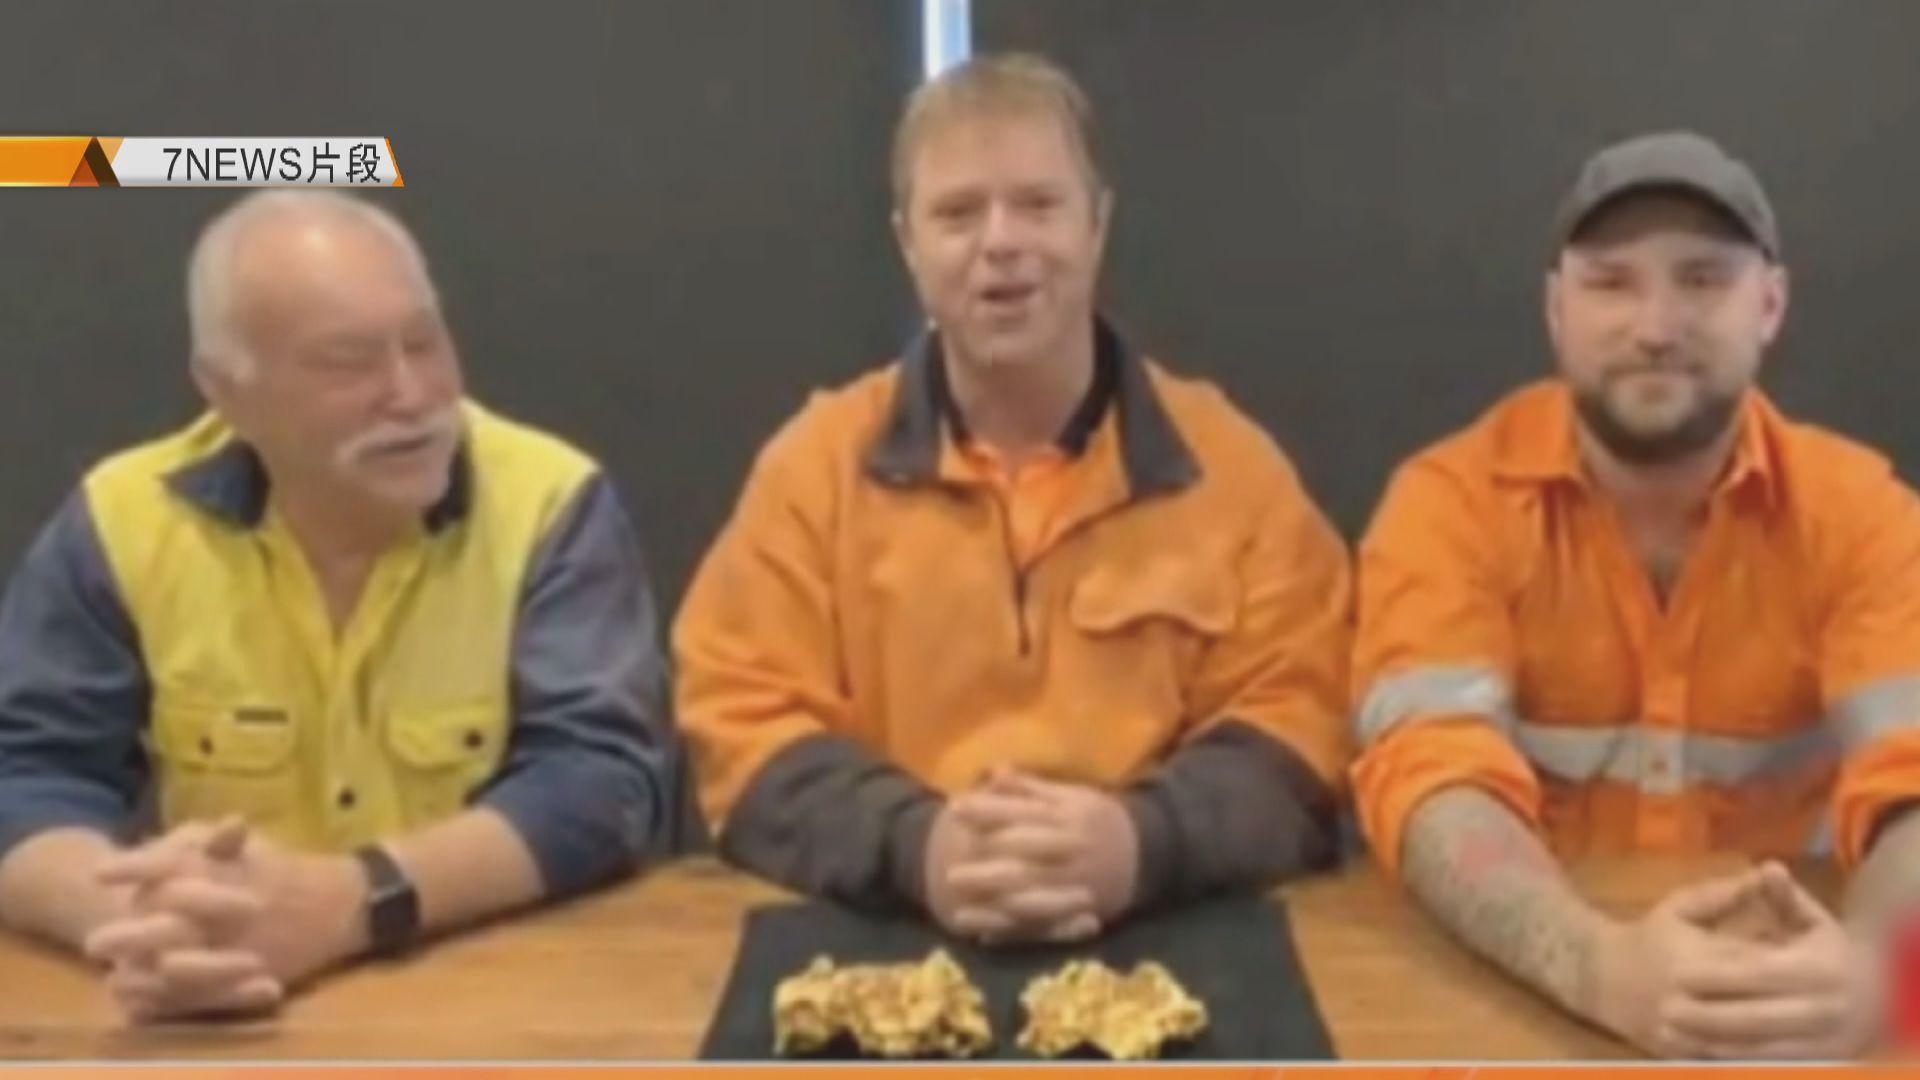 【環球薈報】澳洲淘金者掘出3.5公斤巨型金塊